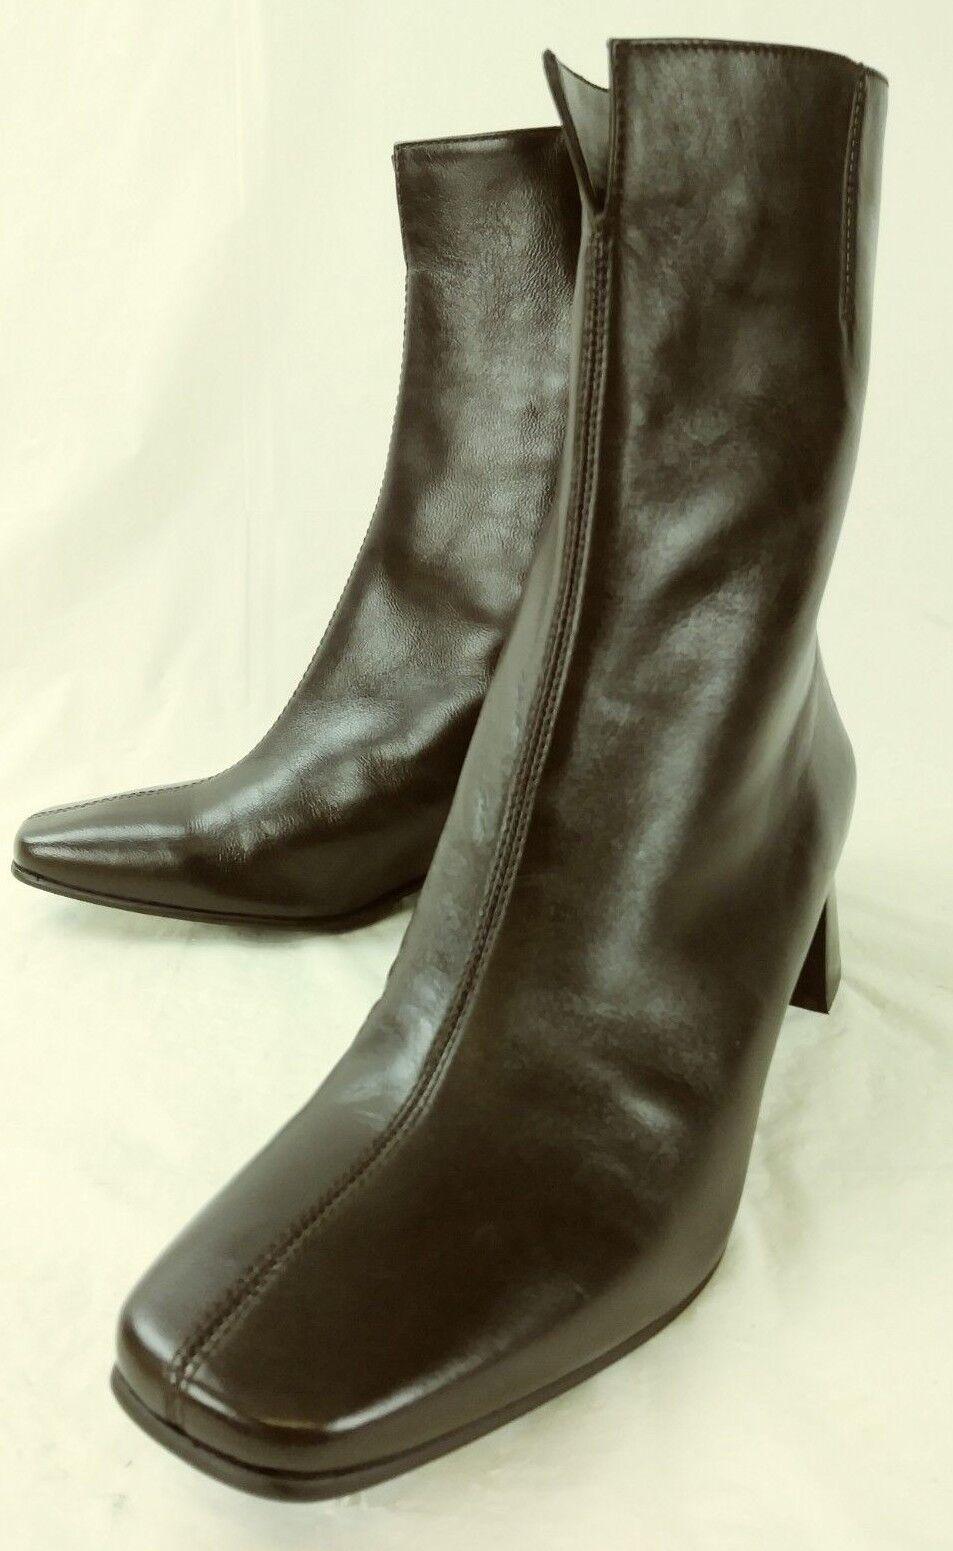 Etienne Aigner Wos Tobillo botas Passaic US 6 6 6 M Marrón Cuero Cremallera Tacones 5492  a la venta